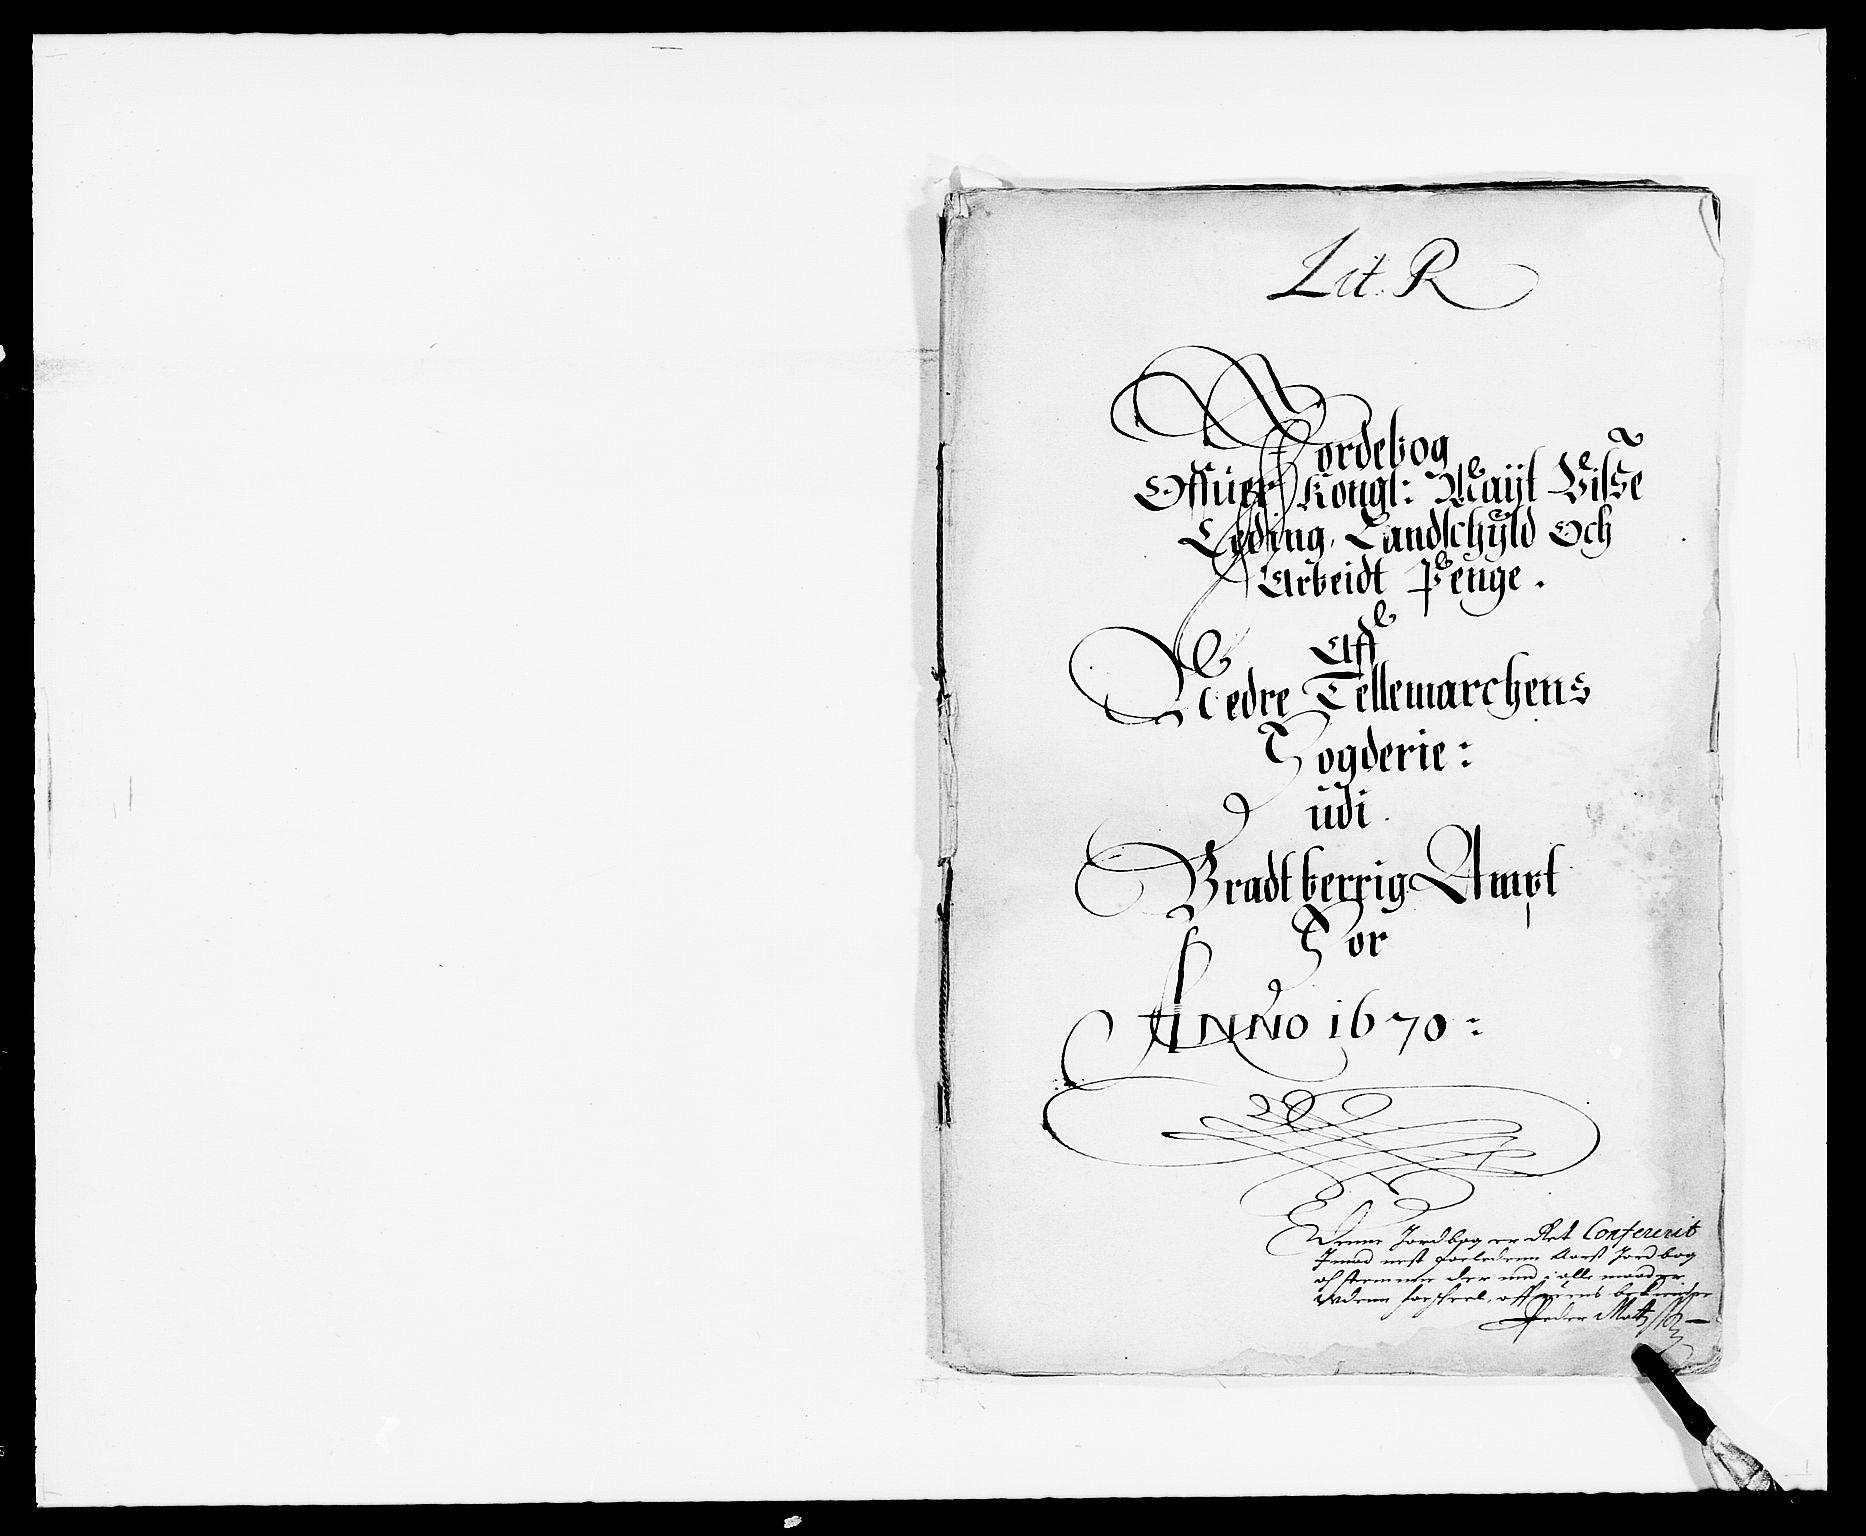 RA, Rentekammeret inntil 1814, Reviderte regnskaper, Fogderegnskap, R35/L2058: Fogderegnskap Øvre og Nedre Telemark, 1668-1670, s. 334